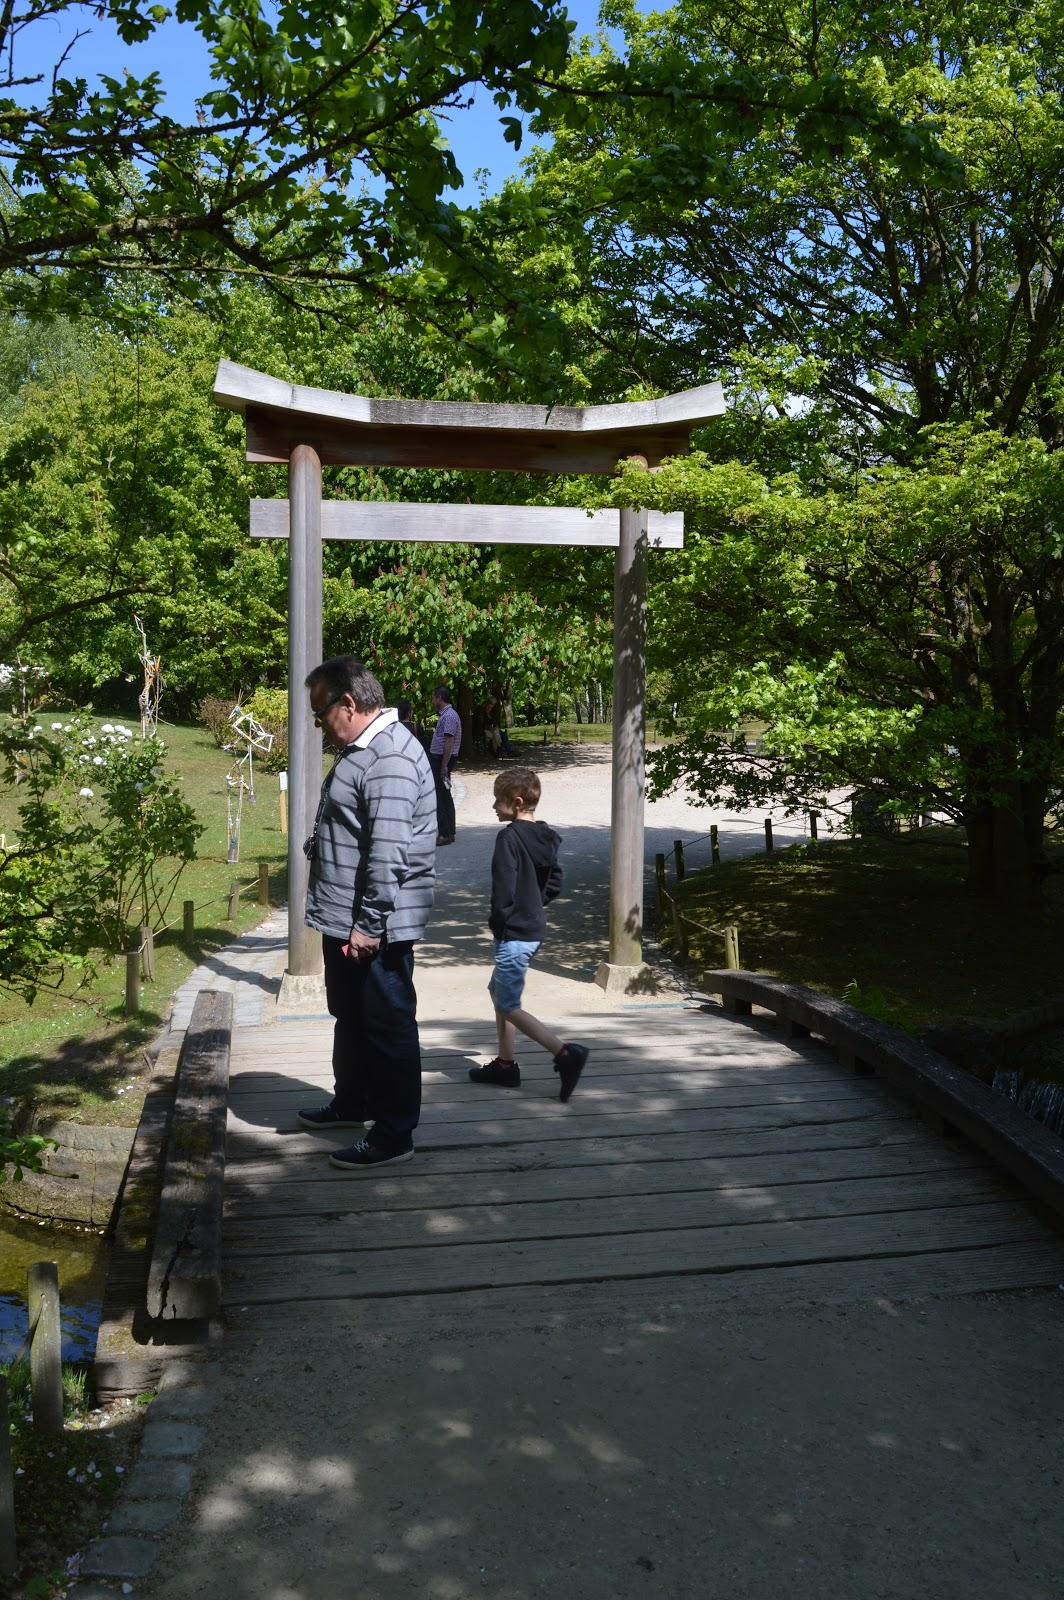 Passionn ment jardin visite du jardin japonais de hasselt for Jardin japonais hasselt 2016